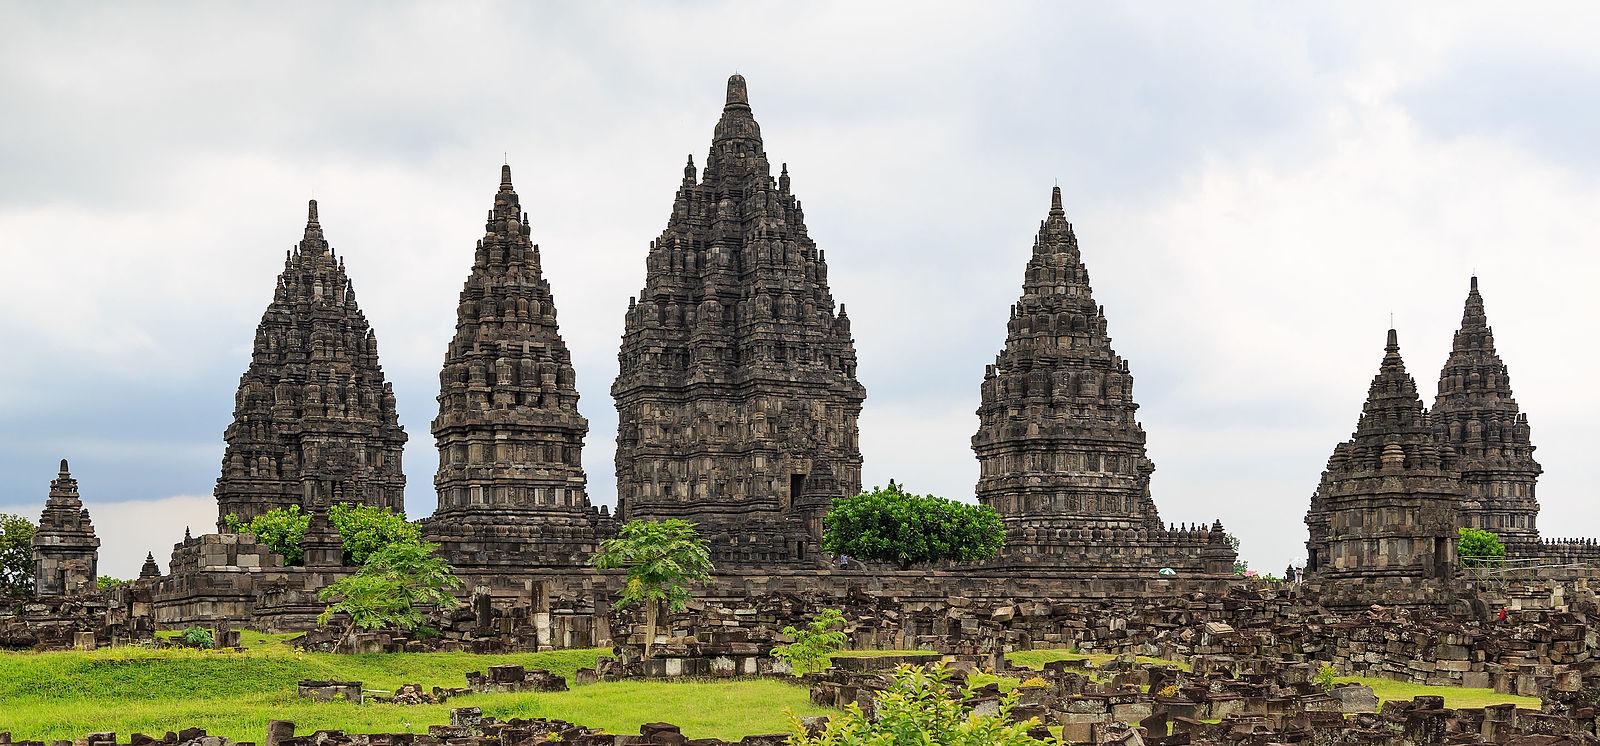 yogyakarta_indonesia_prambanan-temple-complex-02.jpg